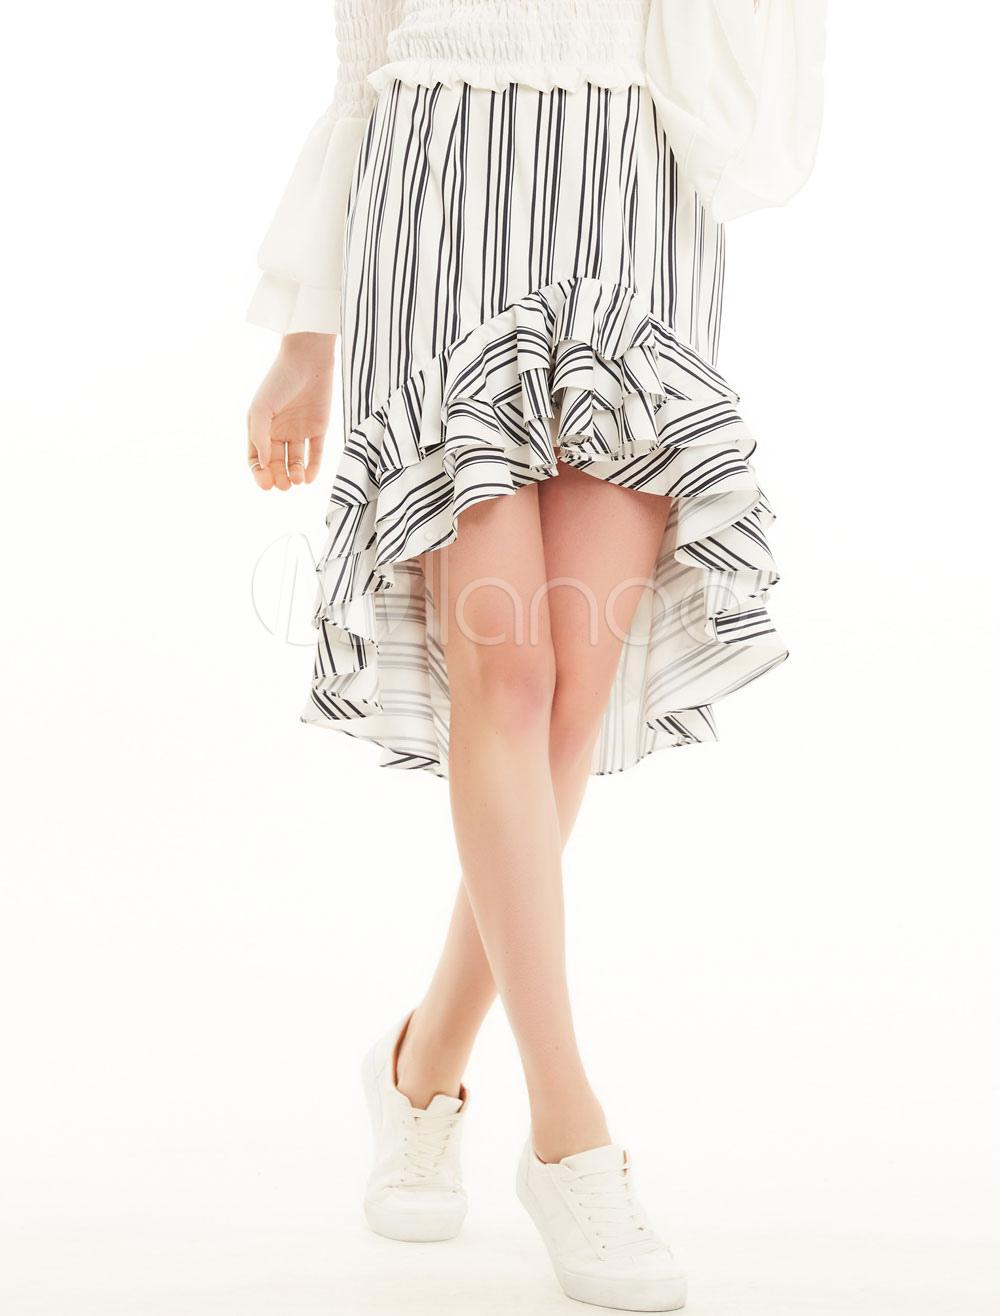 Black Summer Skirt Striped High Low Layered Ruffles Women's Skirt